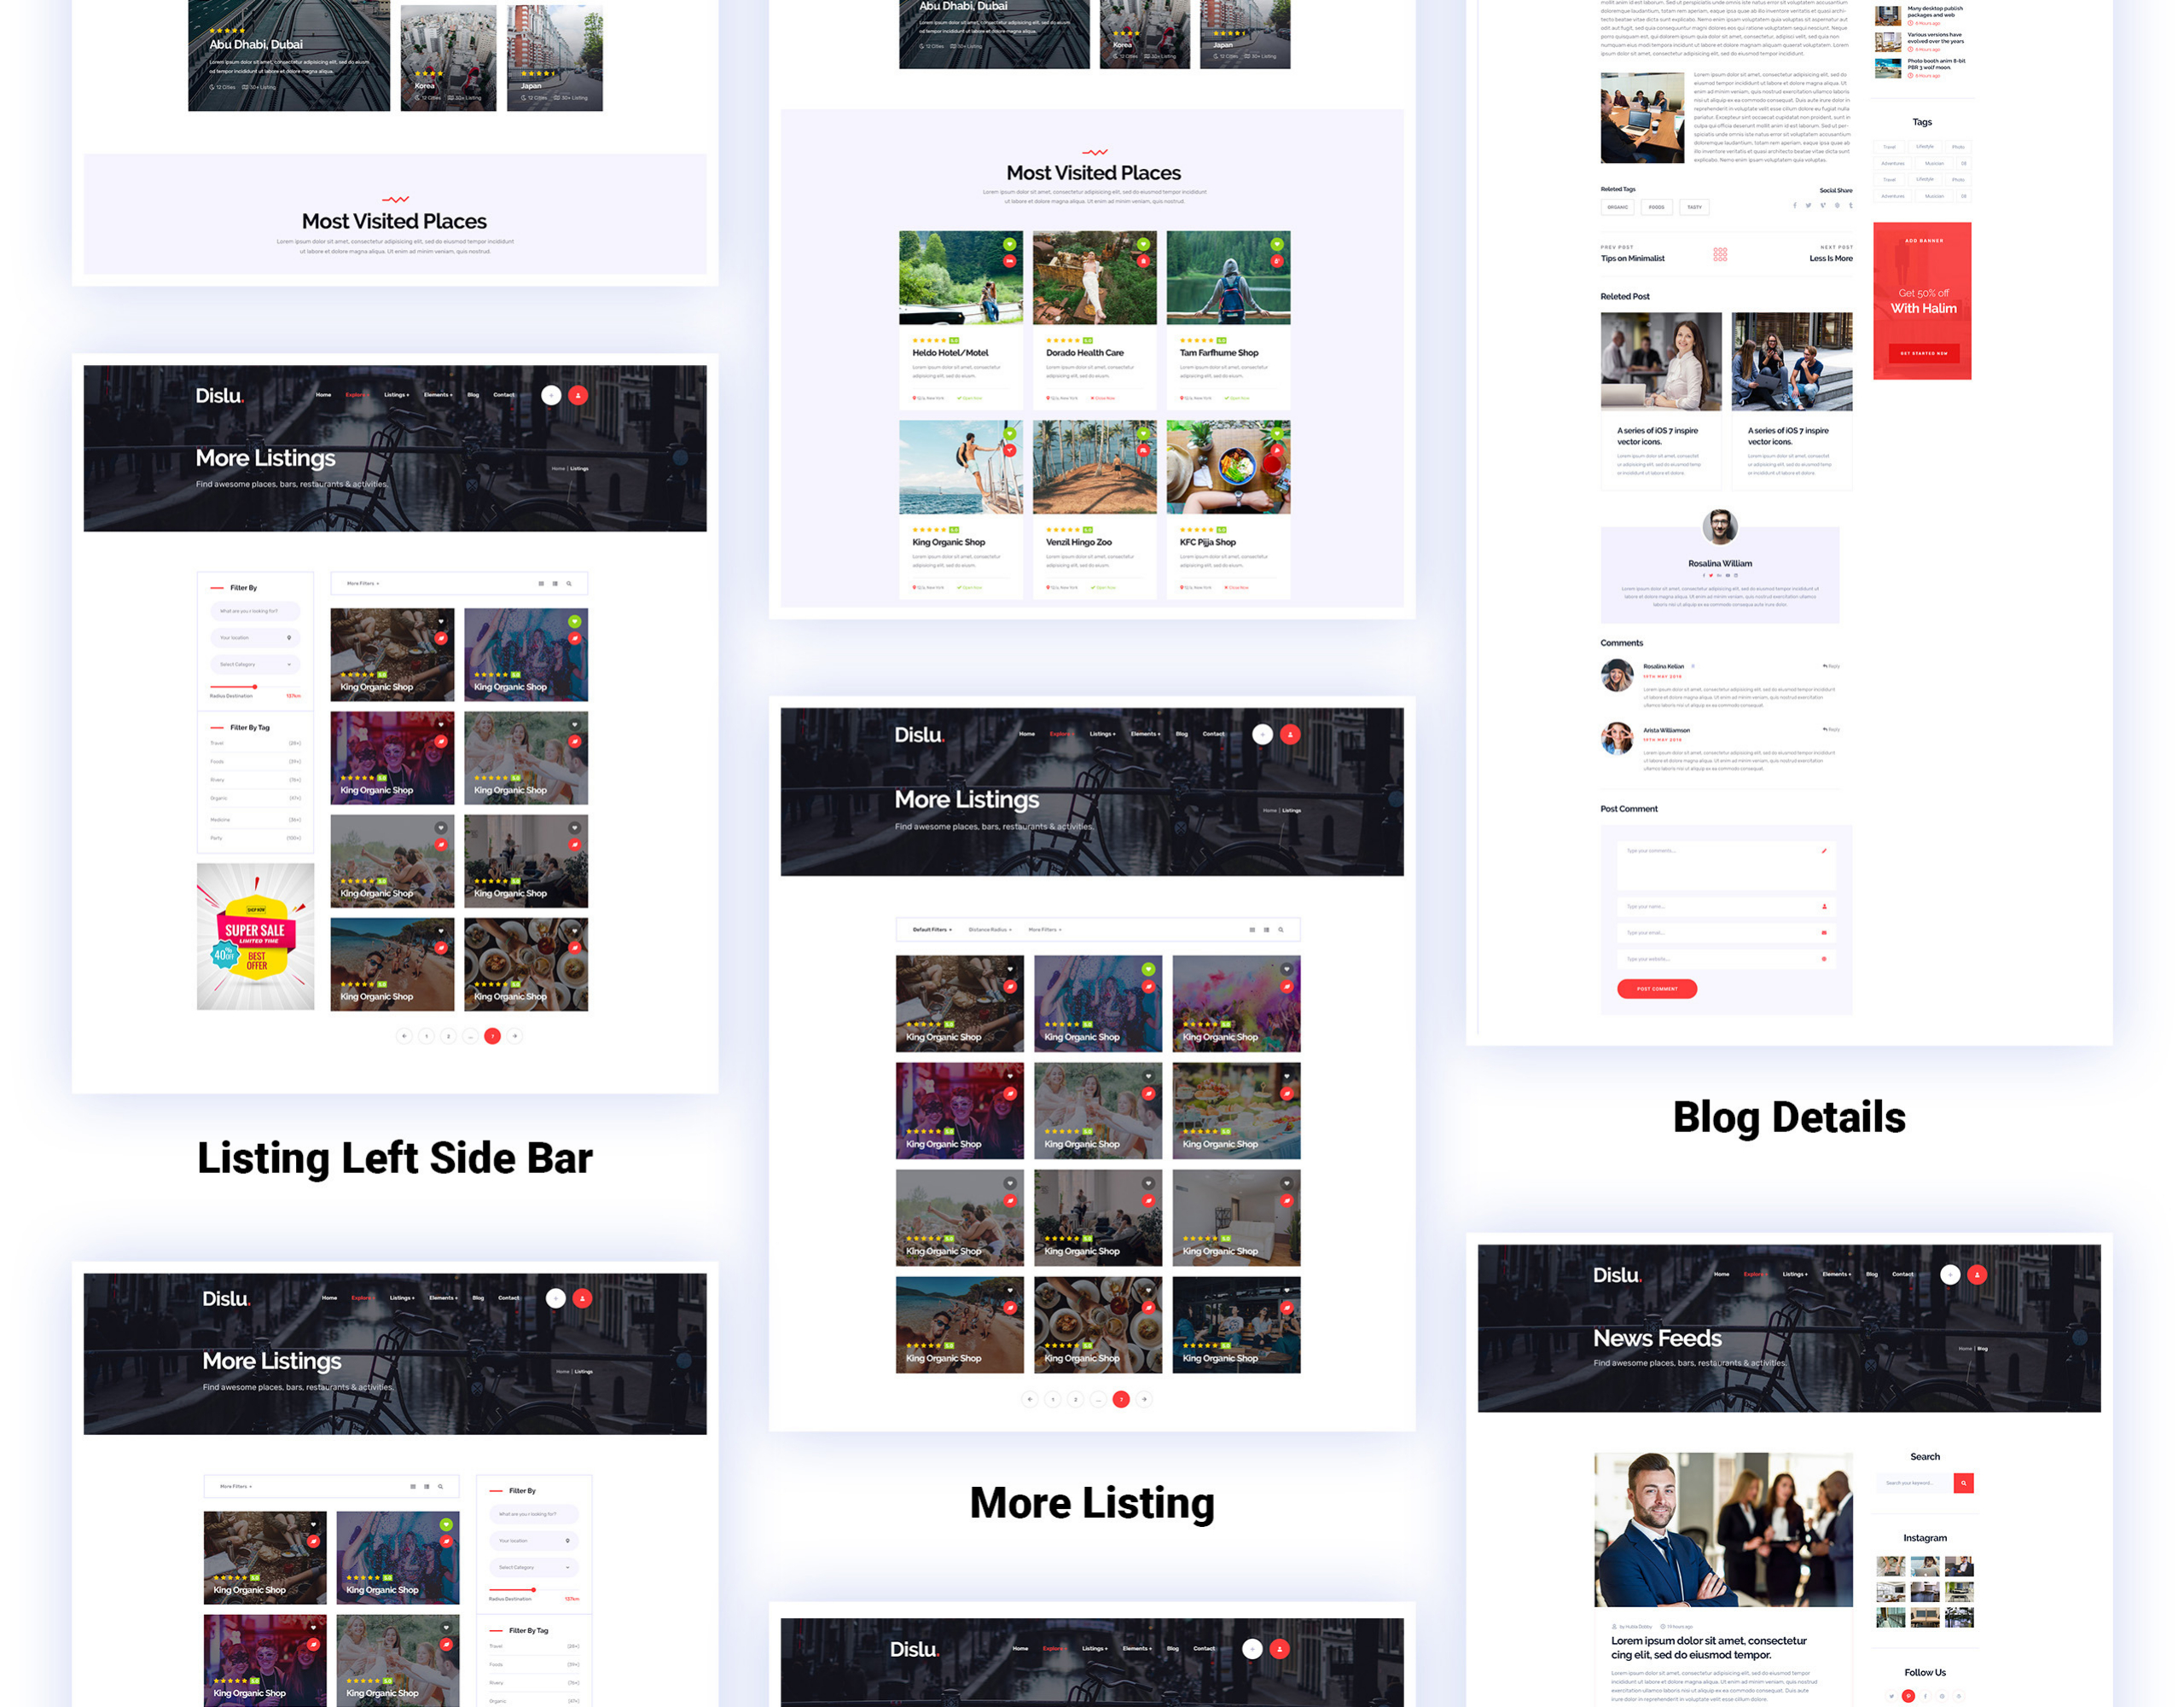 Dislu Website Template